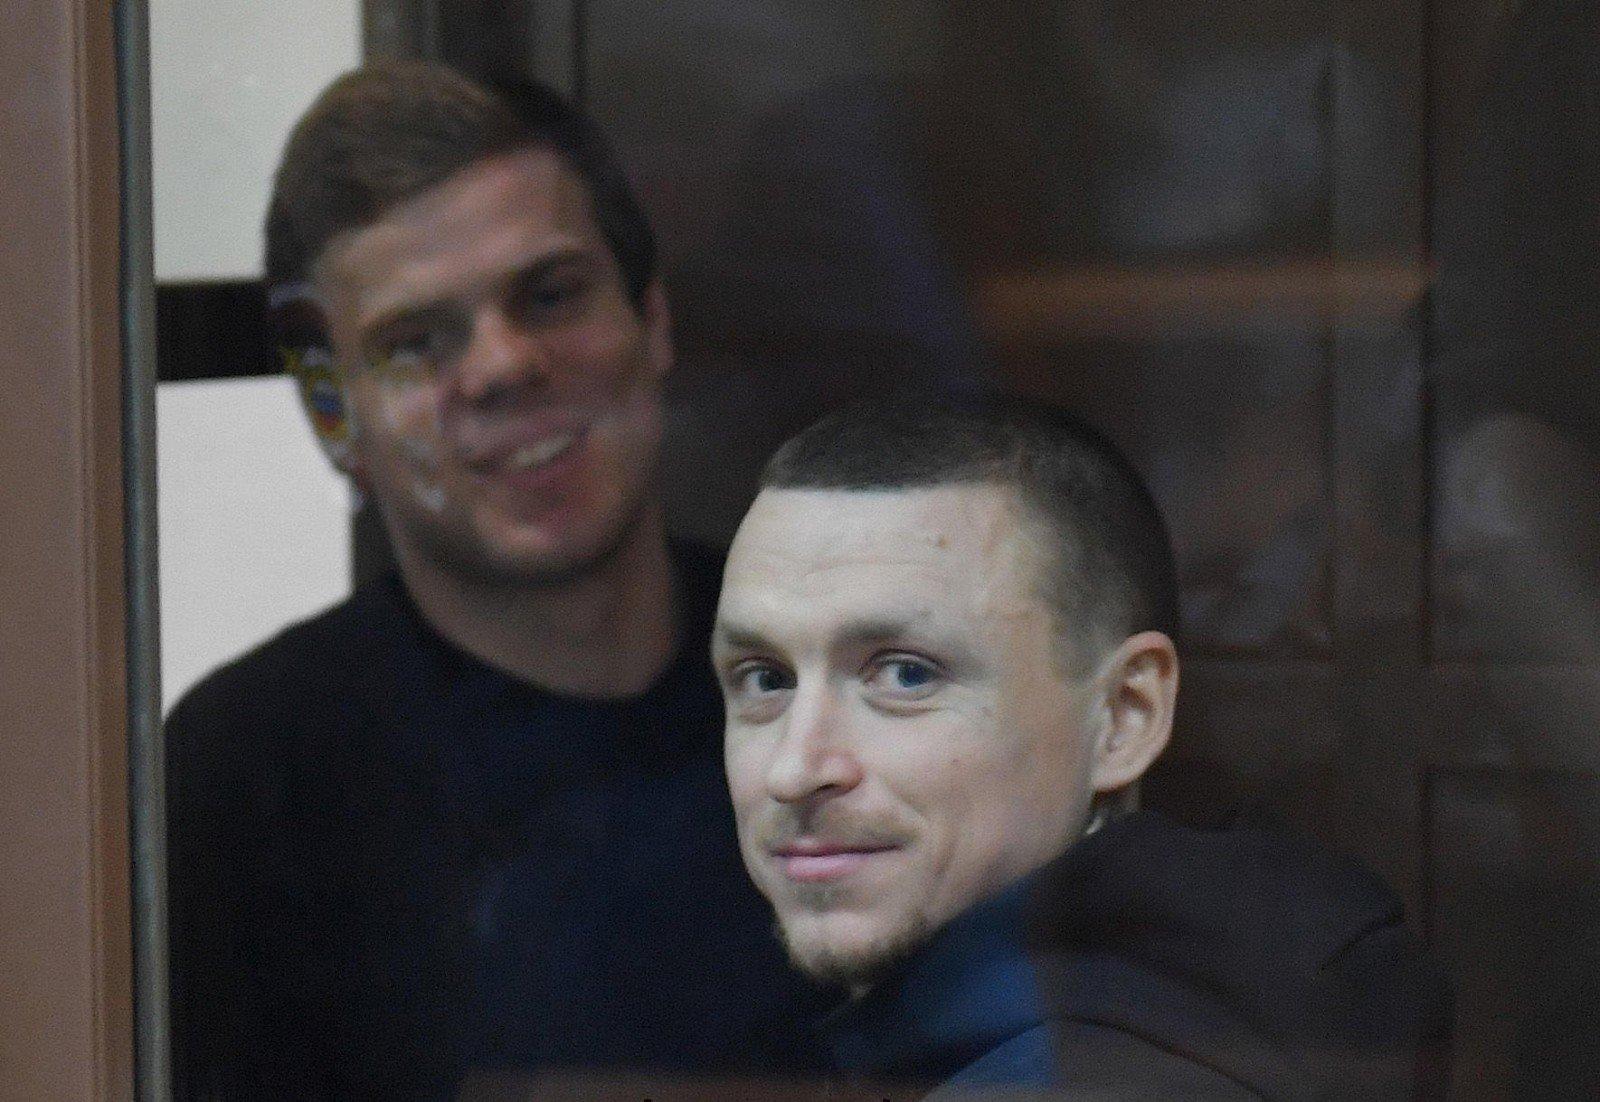 Футболисты Александр Кокорин и Павел Мамаев выйдут на свободу досрочно